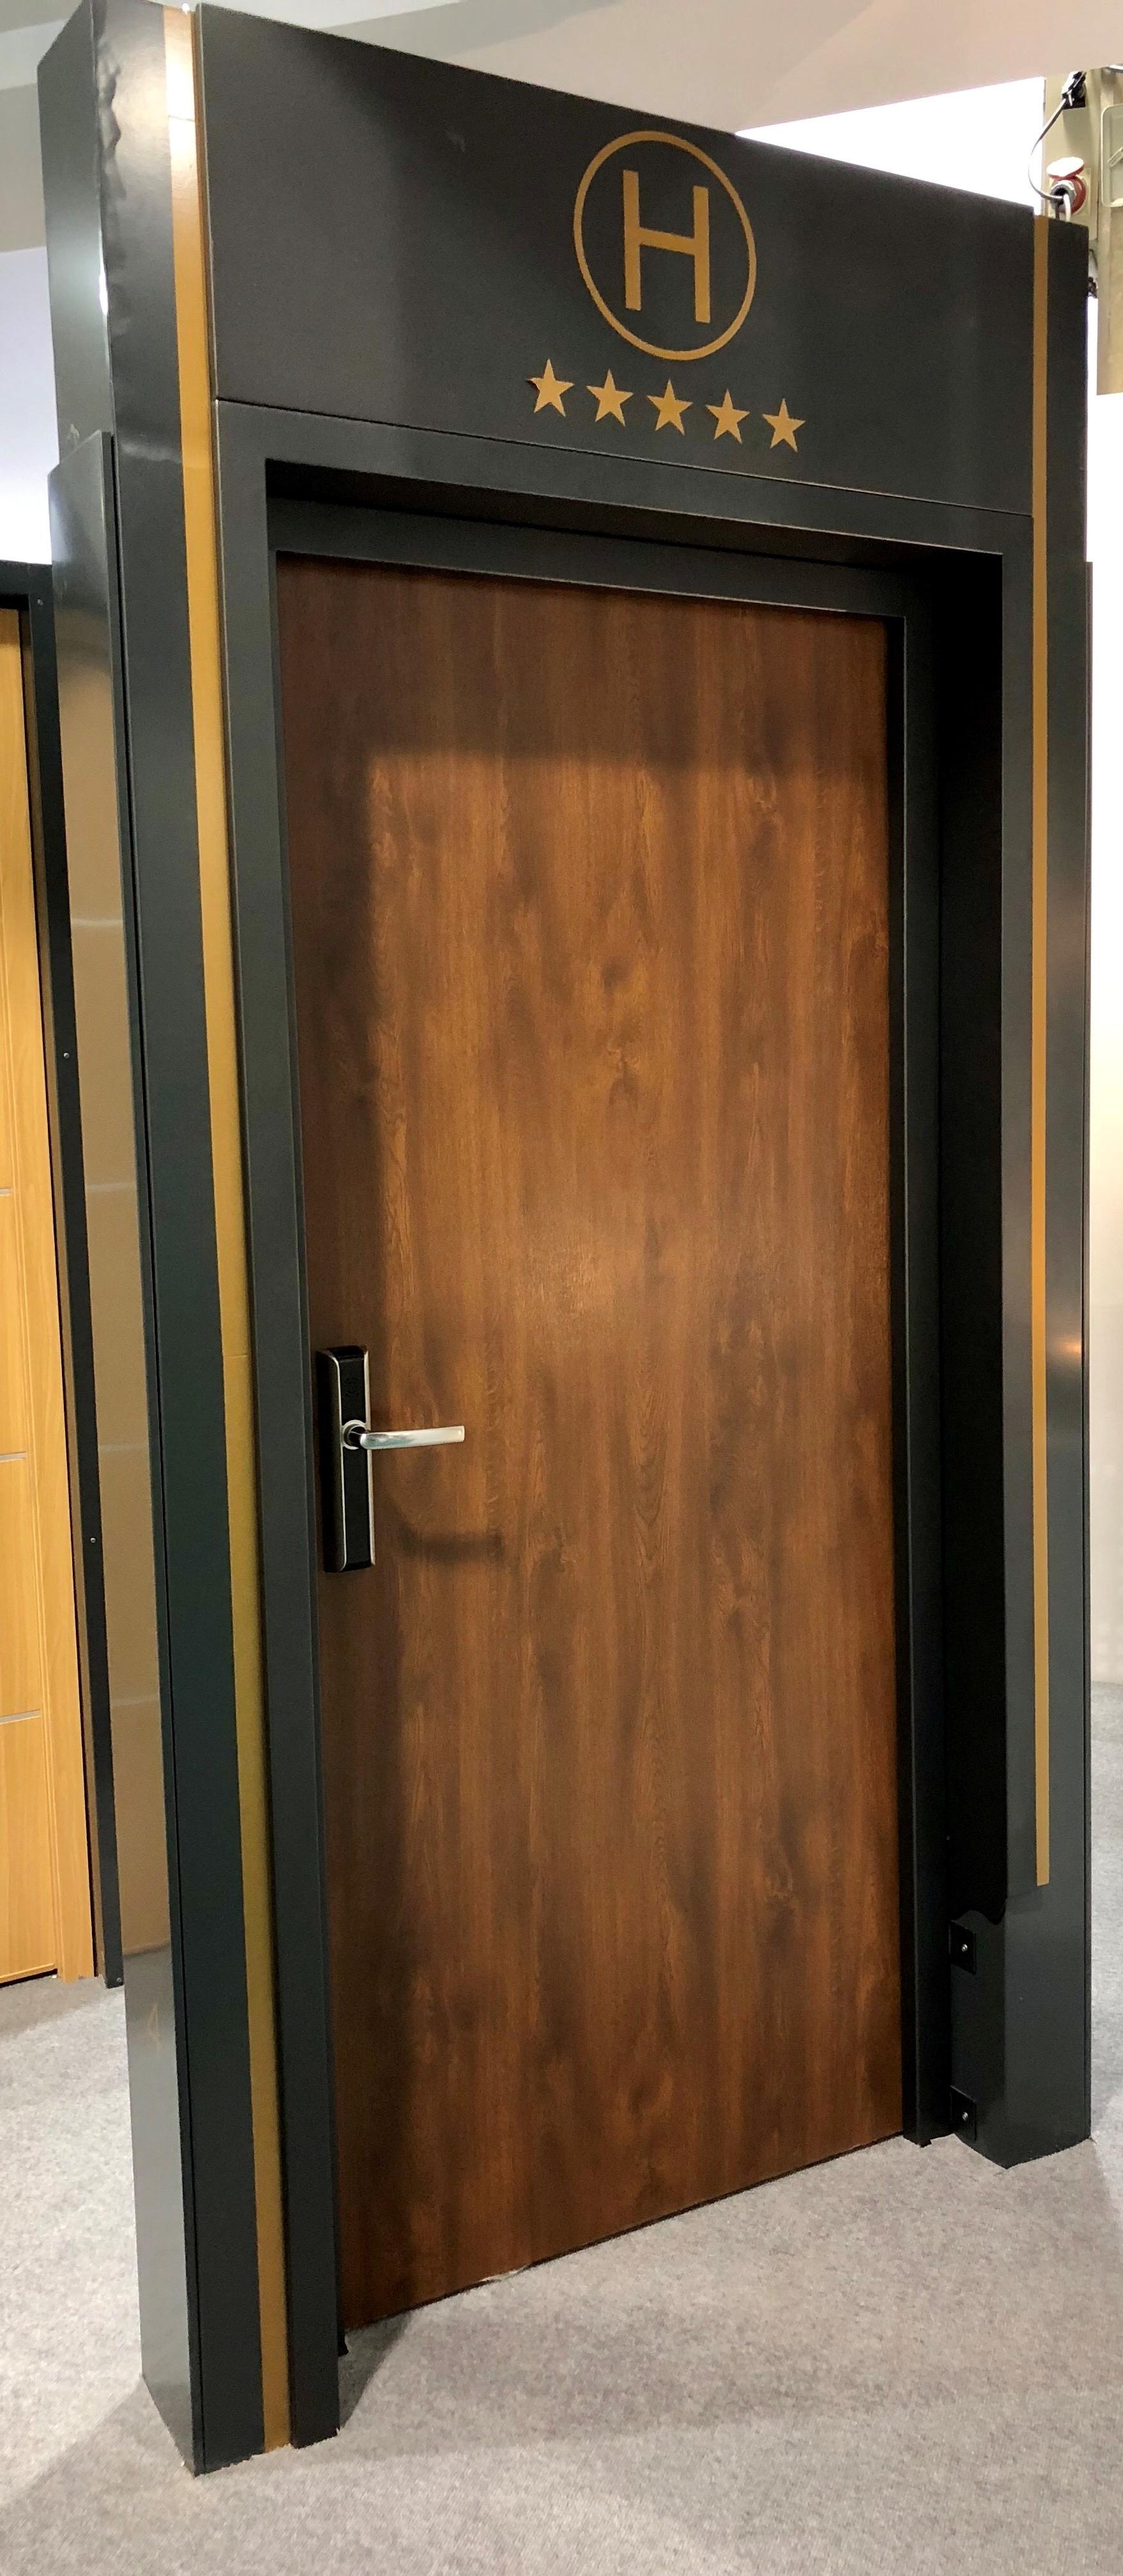 Portes maderalia rubio for Porte ei2 60